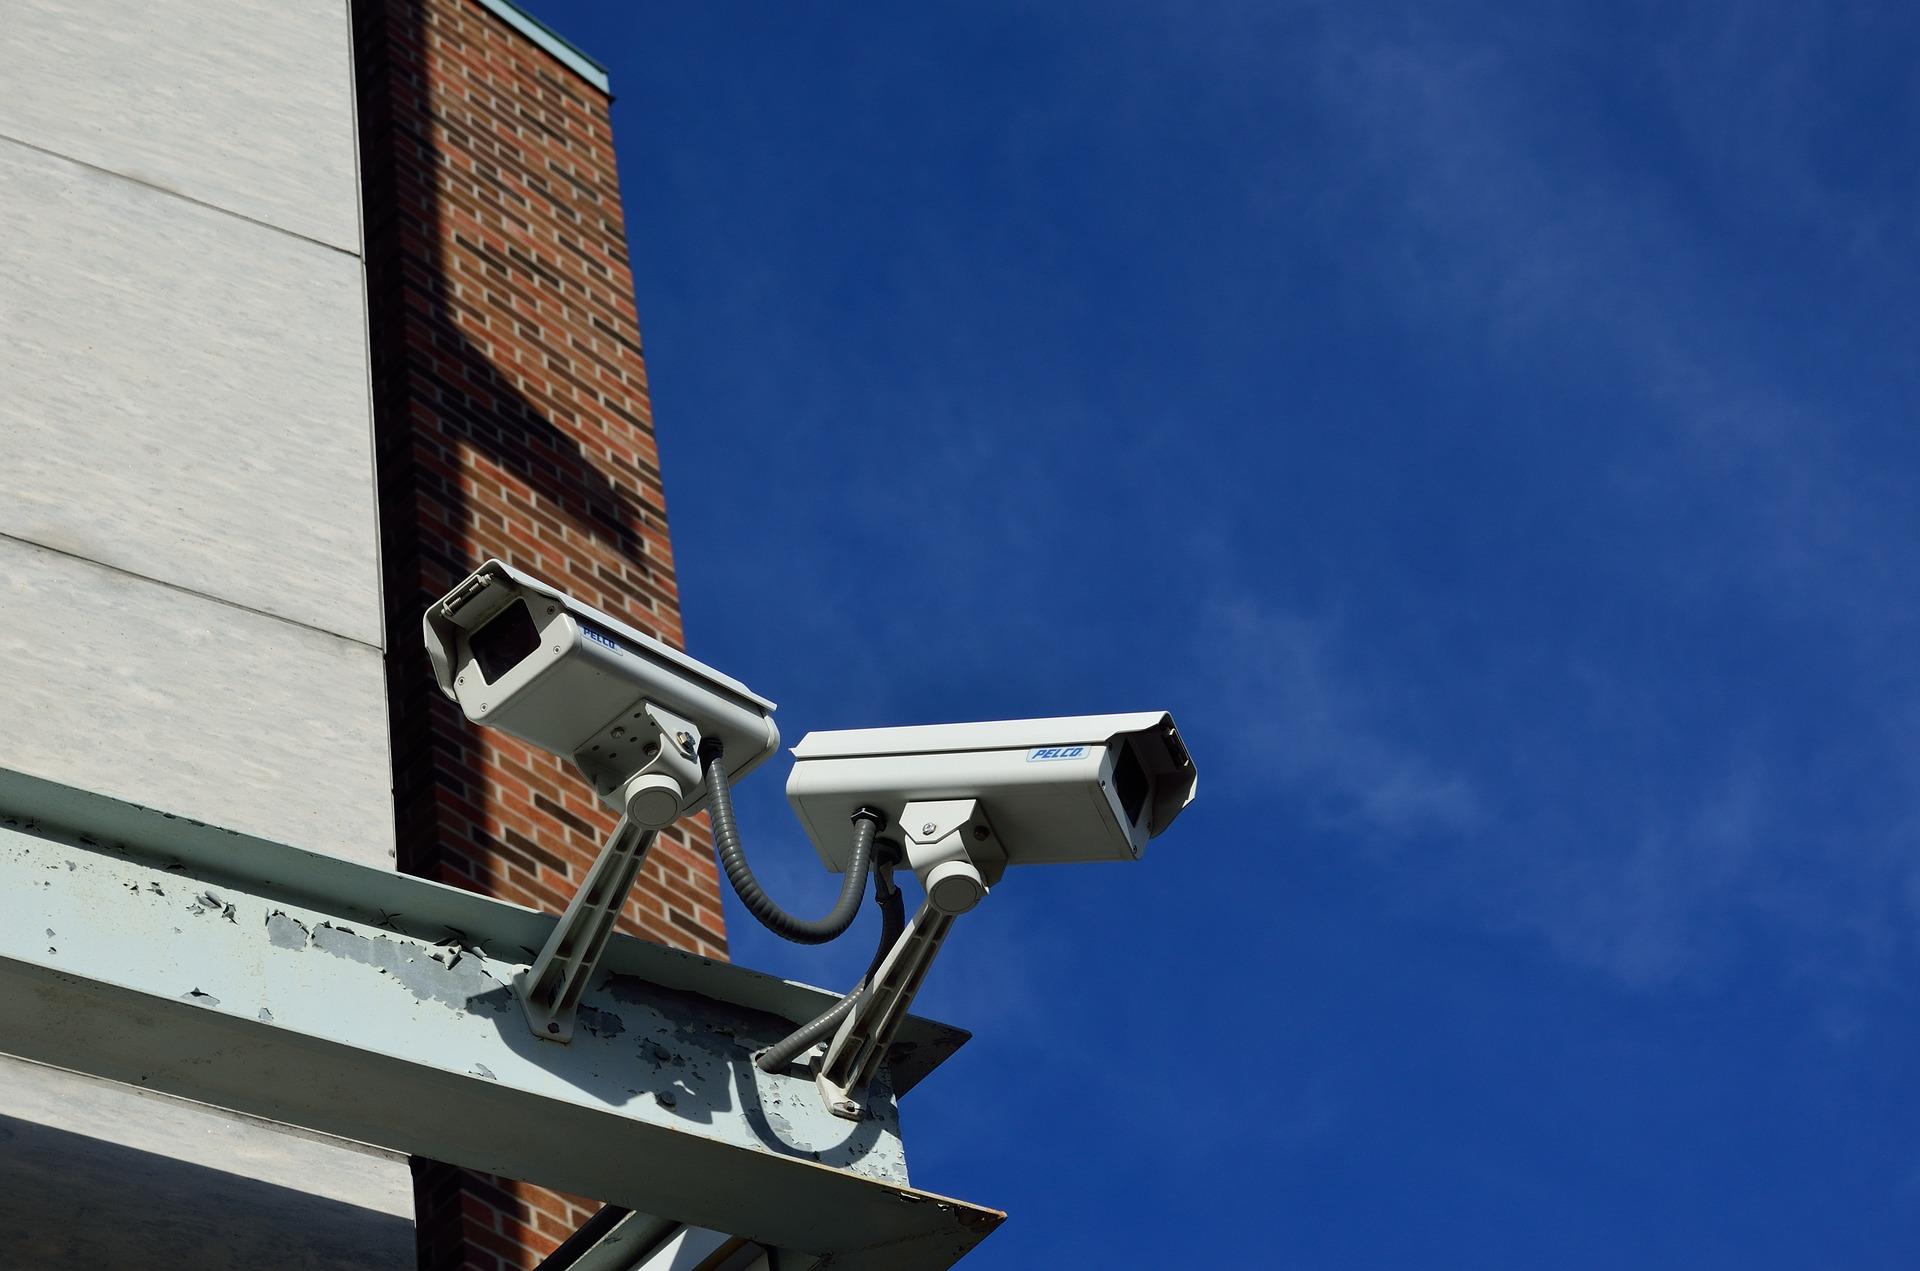 2 caméras de' vidéosurveillance en extérieur sous un ciel bleu